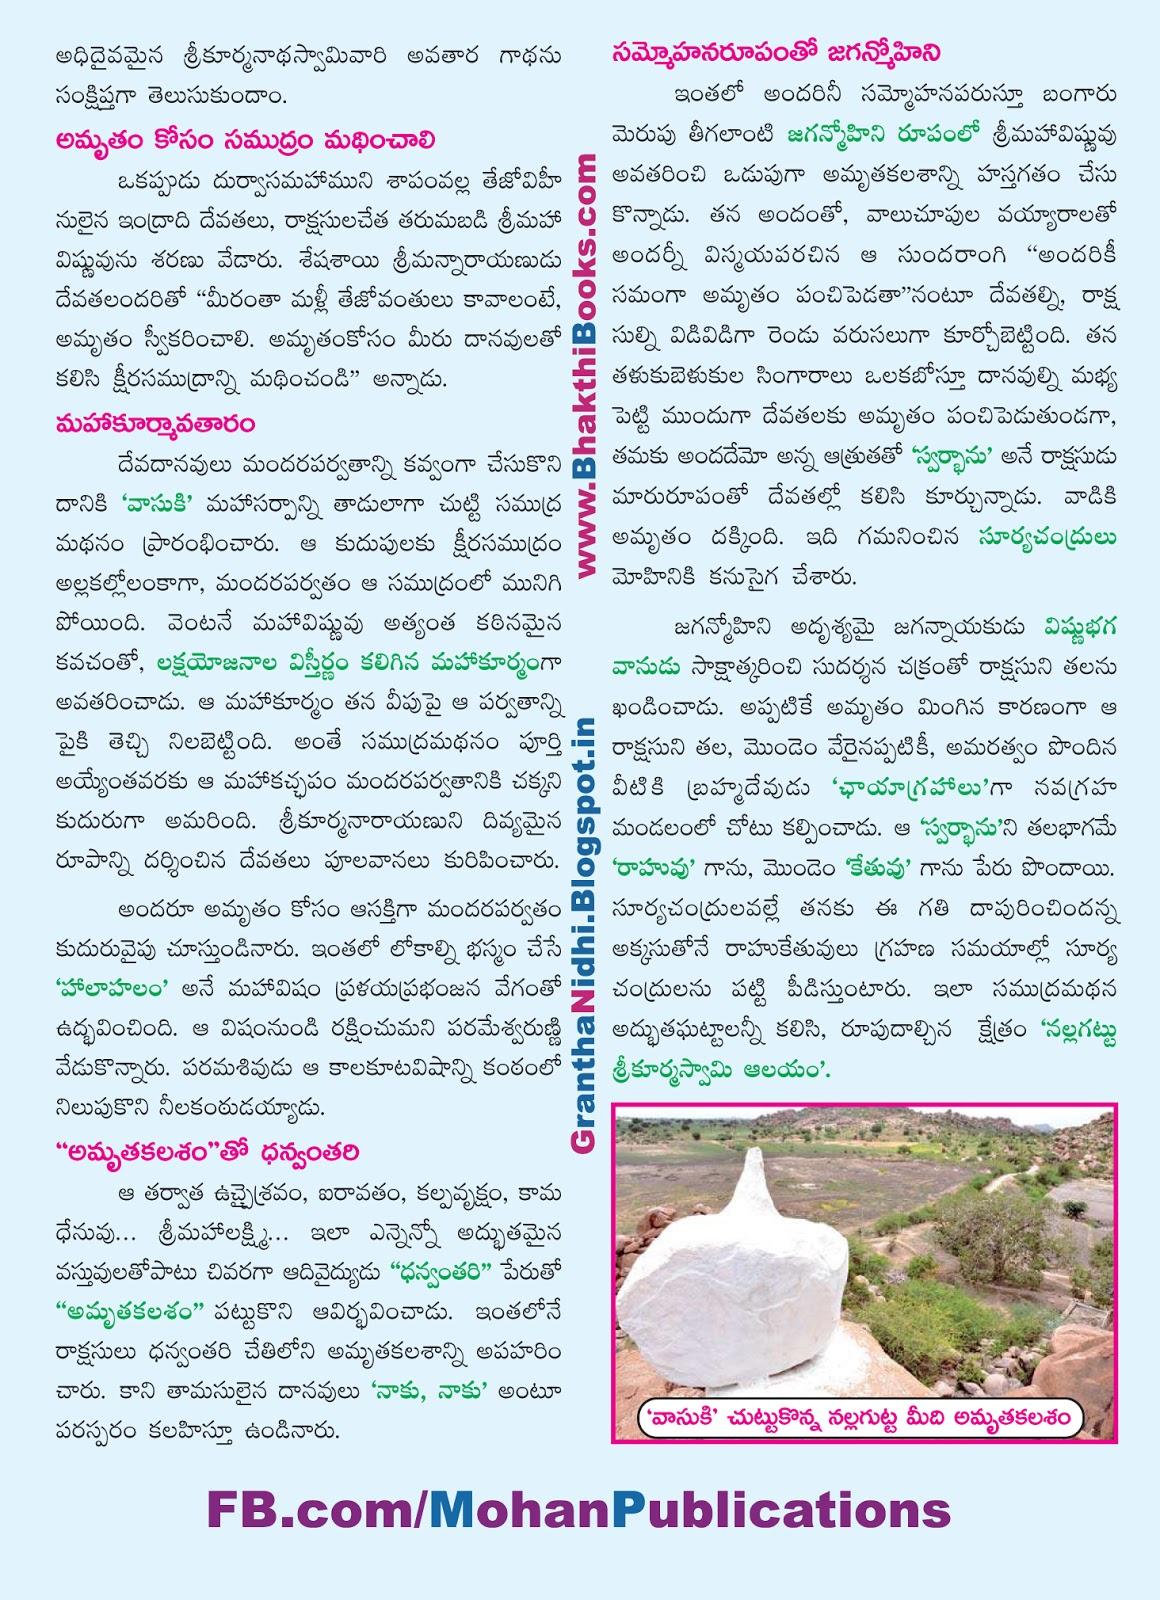 నల్లగుట్ట శ్రీ కుర్మనాథ స్వామి | SrikurmanathaSwamy | Nallagutta Srikurmanathaswamy | Srikurmam | Kurnool | Adhoni | Aspari | Aswapuri | Suryagrahanam | Chandragrahanam | Guhalayam | Mohanpublications | Granthanidhi | Bhakthipustakalu | Bhakthi Pustakalu | Bhaktipustakalu | Bhakti Pustakalu | BhakthiBooks | MohanBooks | Bhakthi | Bhakti | TTD | TTD Ebooks | Ebooks Tirumala | Tirumala | Tirupathi | Saptagiri | Tirumala Tirupathi Devastanams | Tirupathi Laddu | Tirupathi Prasadam